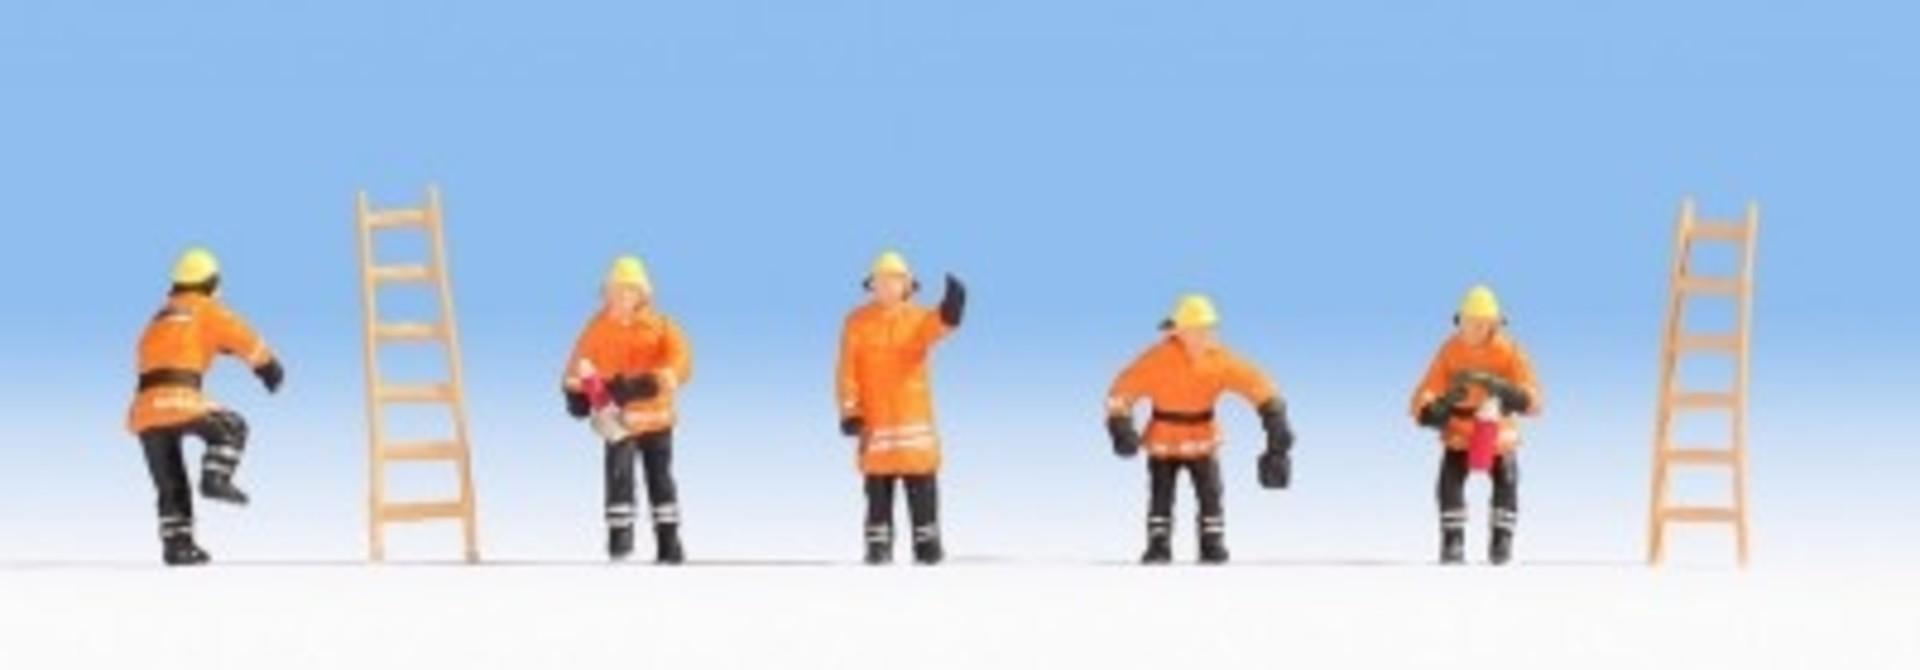 15022 Feuerwehr